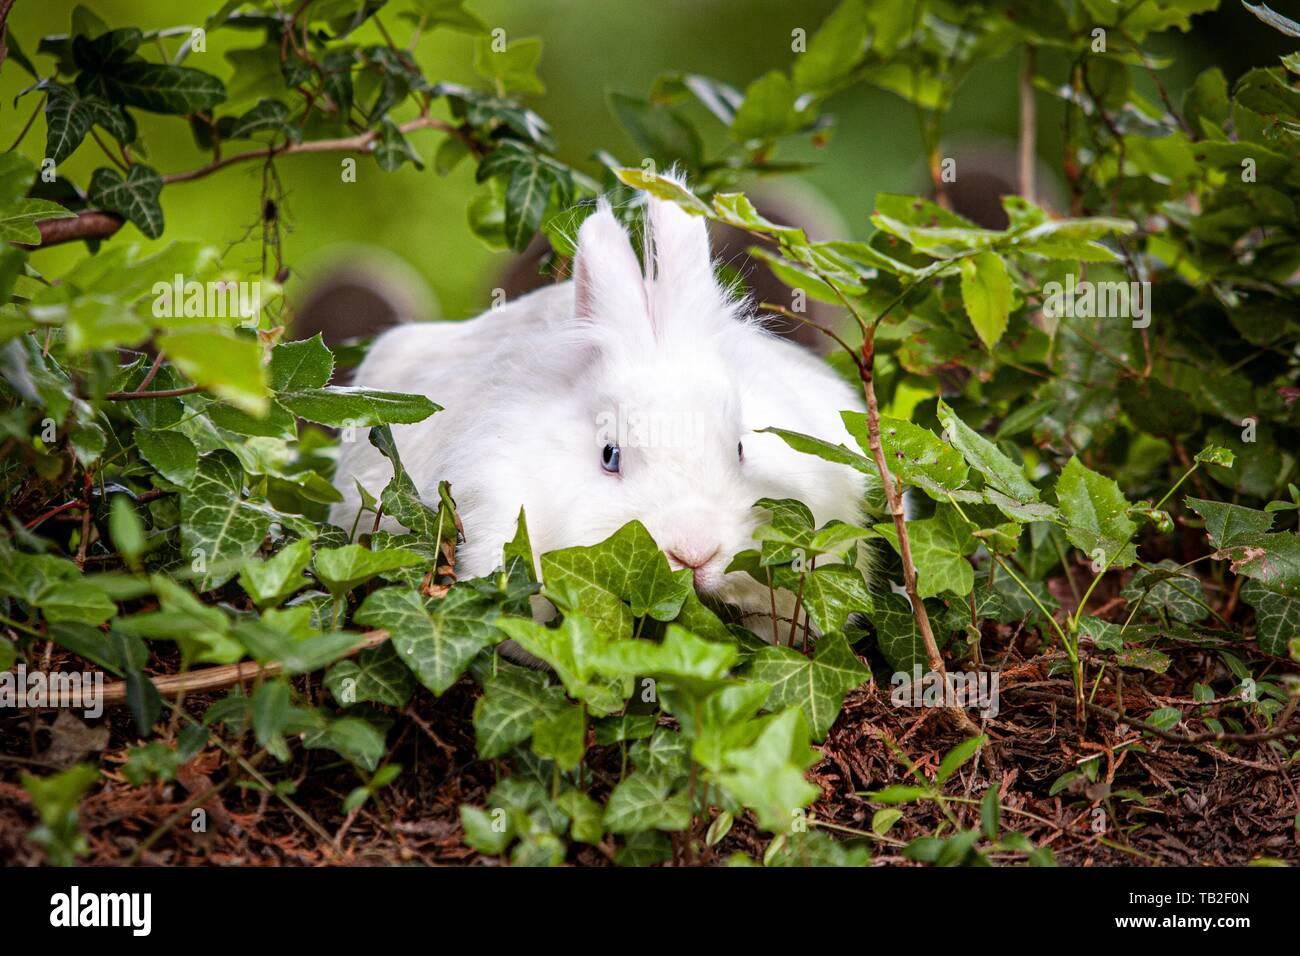 Lapin nain blanc Banque D'Images